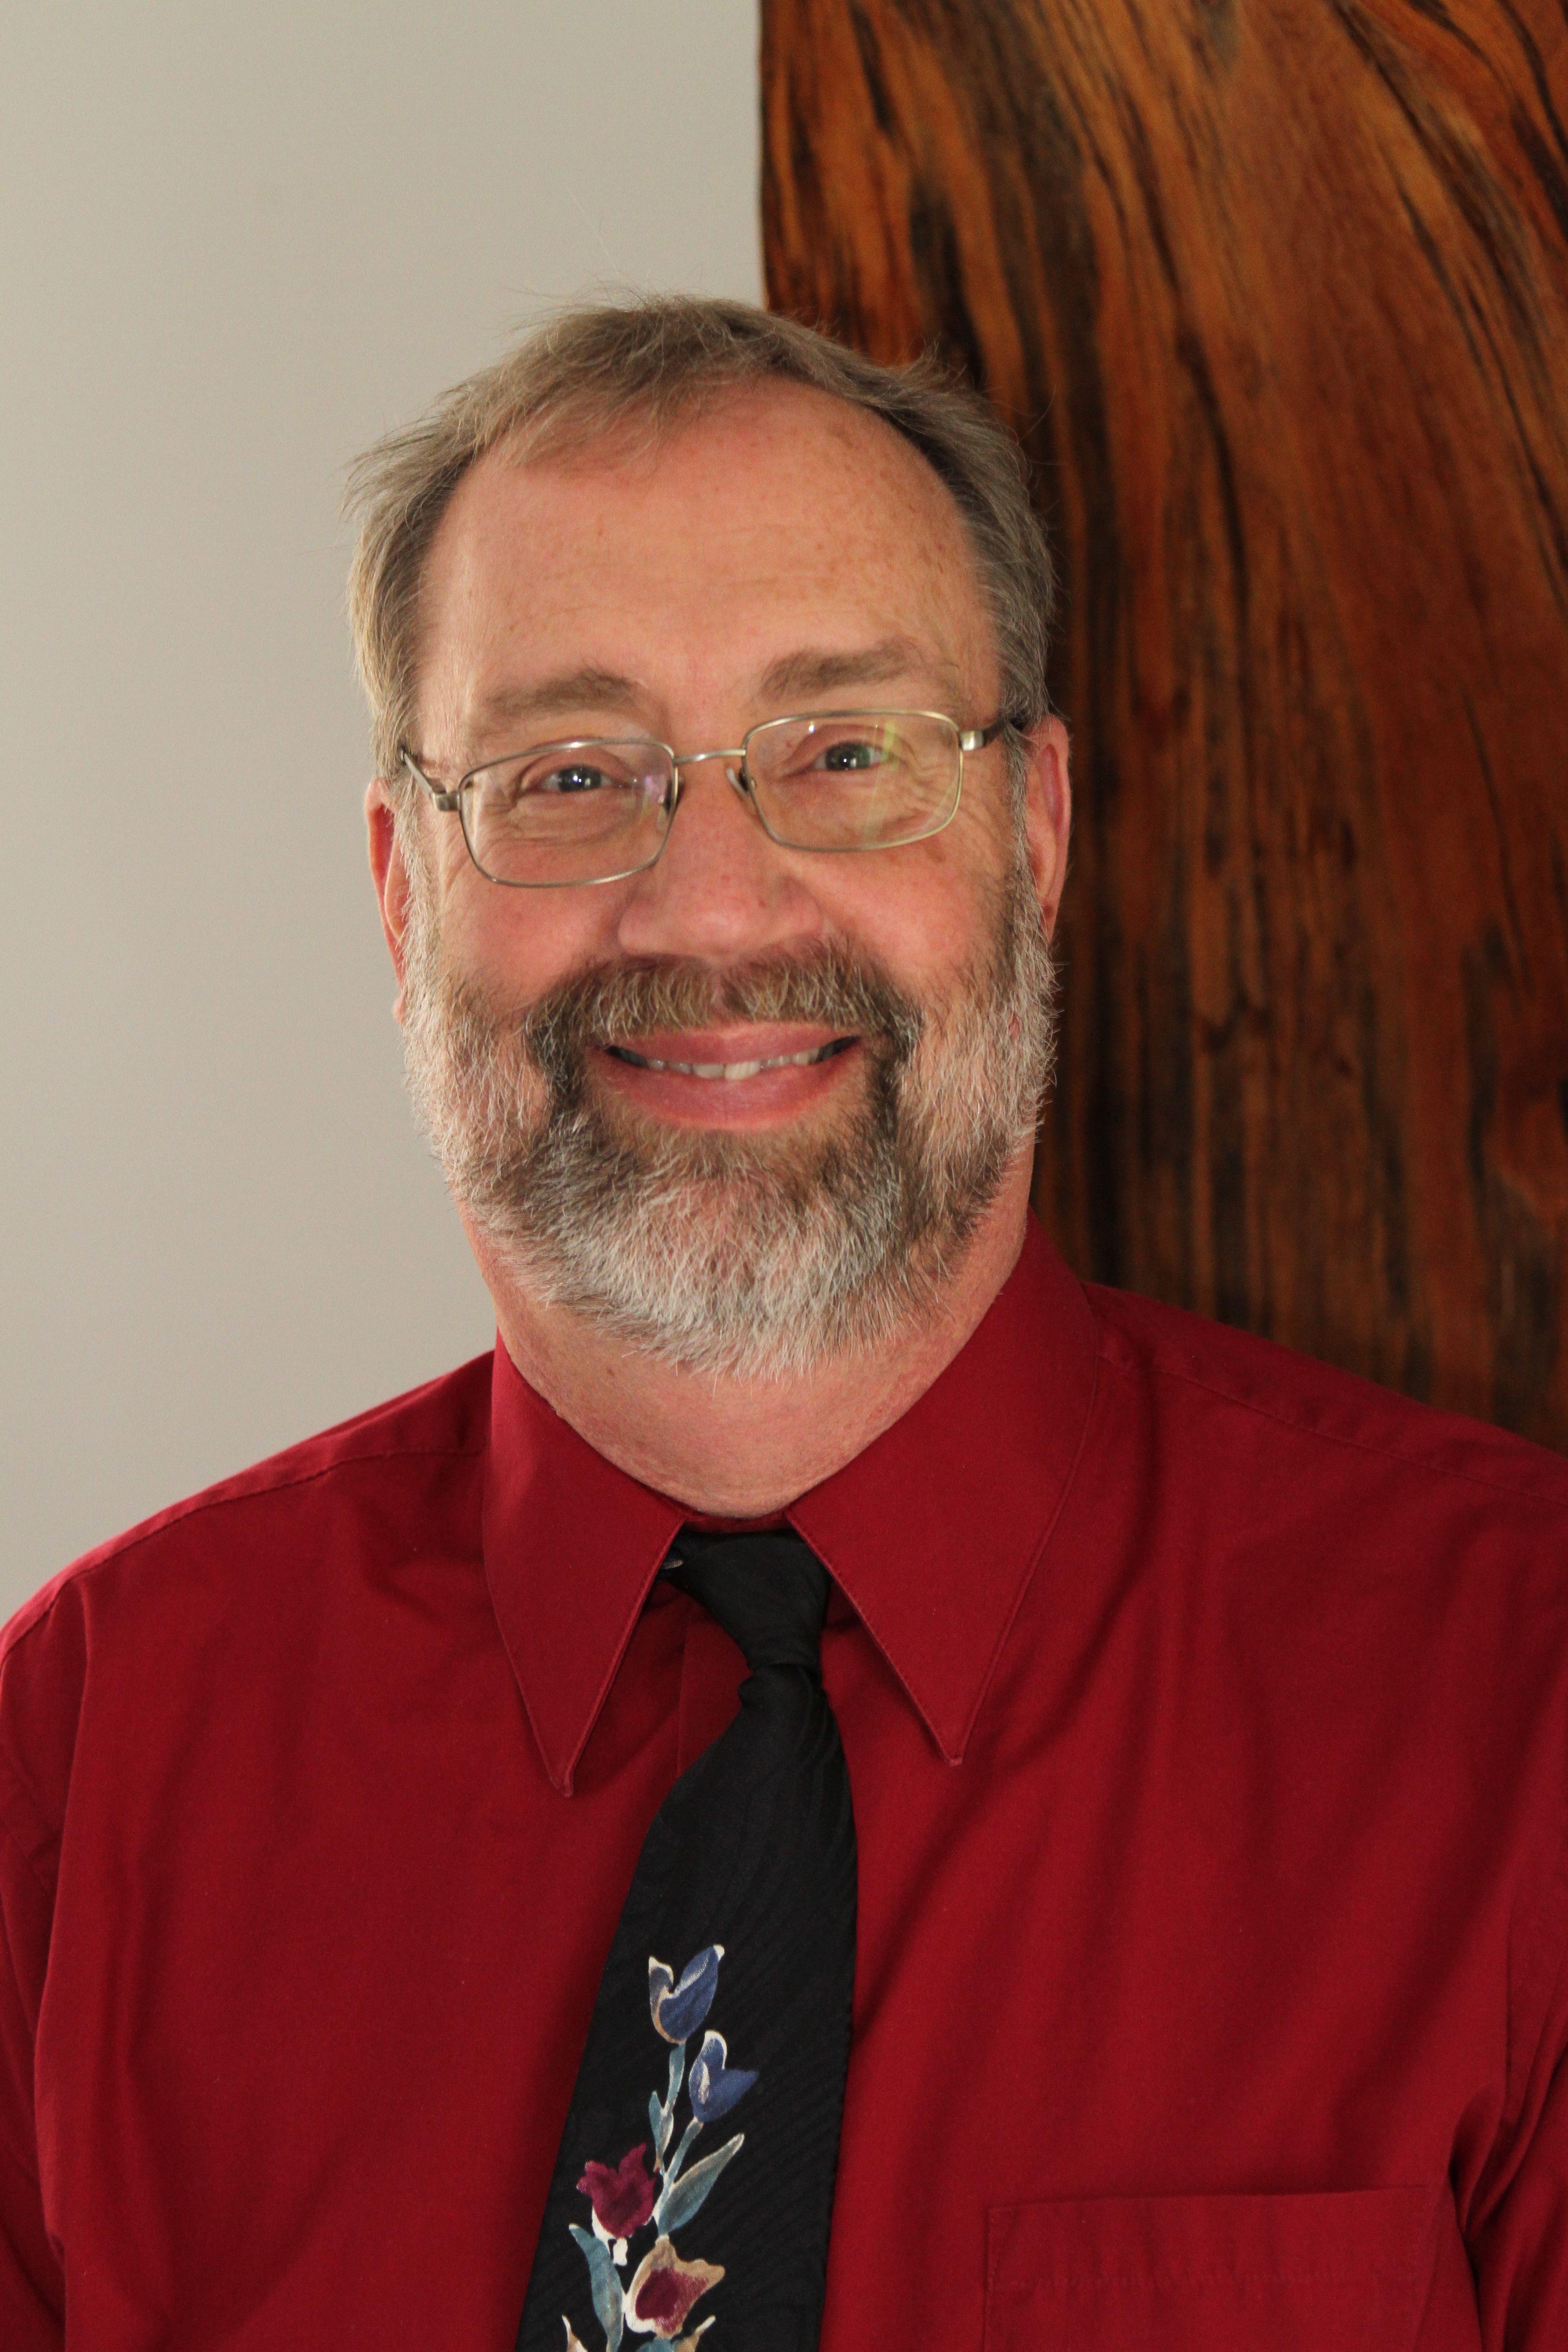 Doug Lengel